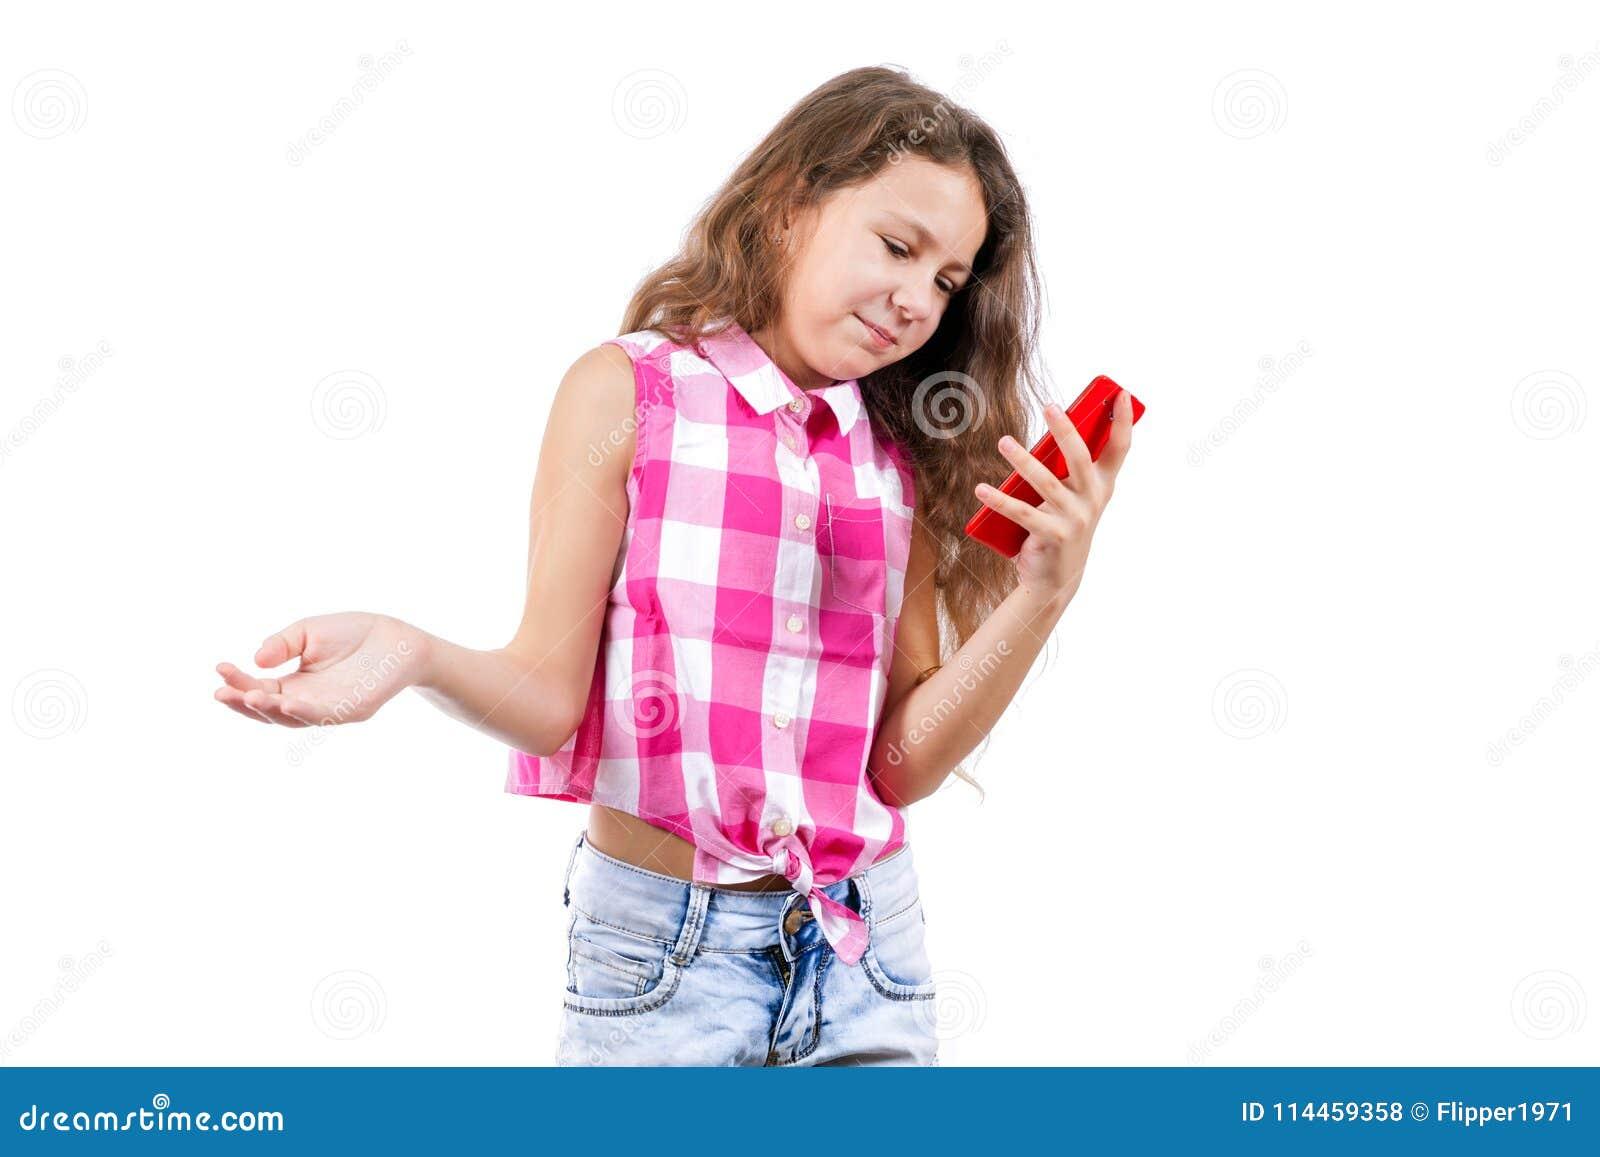 La niña está leyendo SMS en el teléfono y está sonriendo